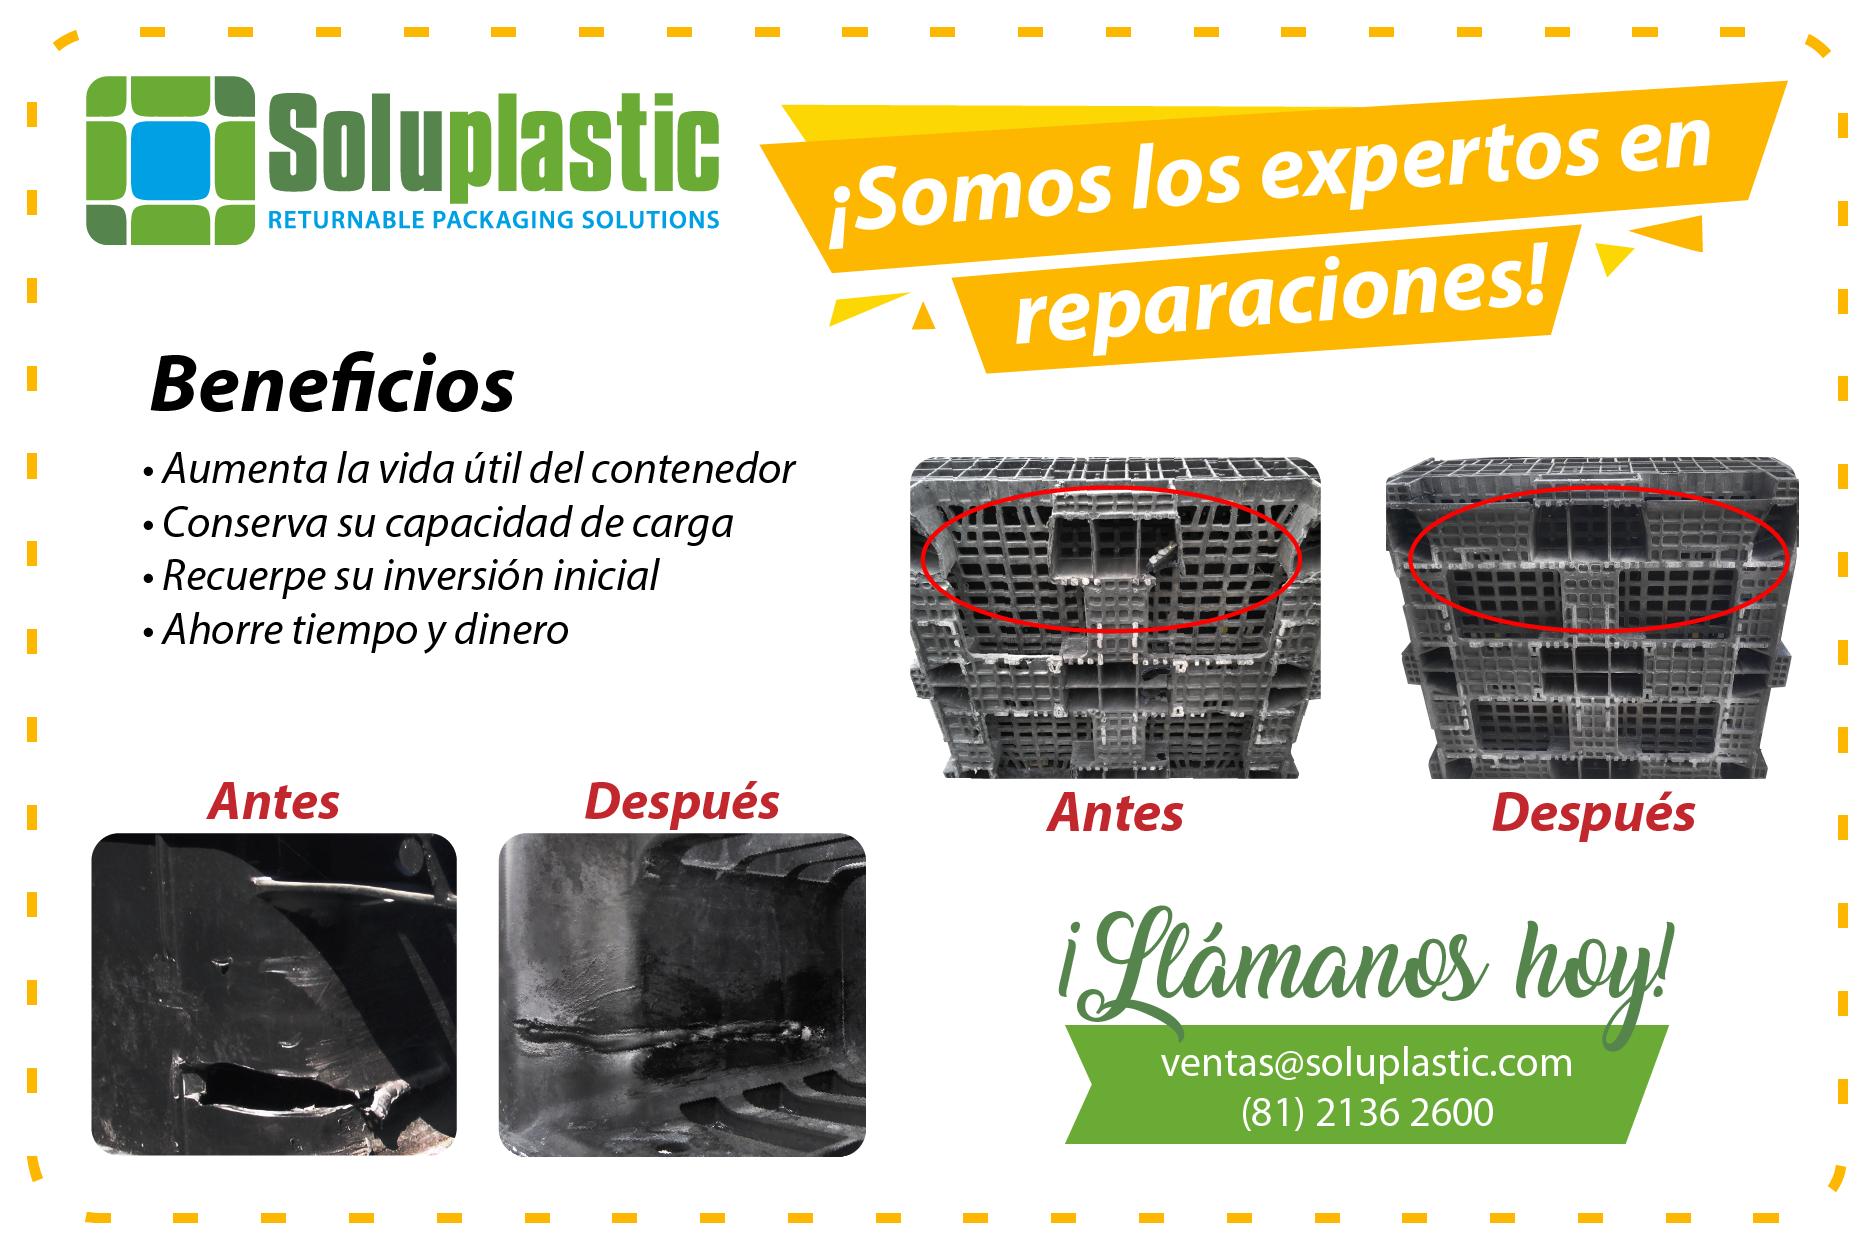 flyer REPARACIONES 01 - ¡Somos los expertos en Reparaciones!